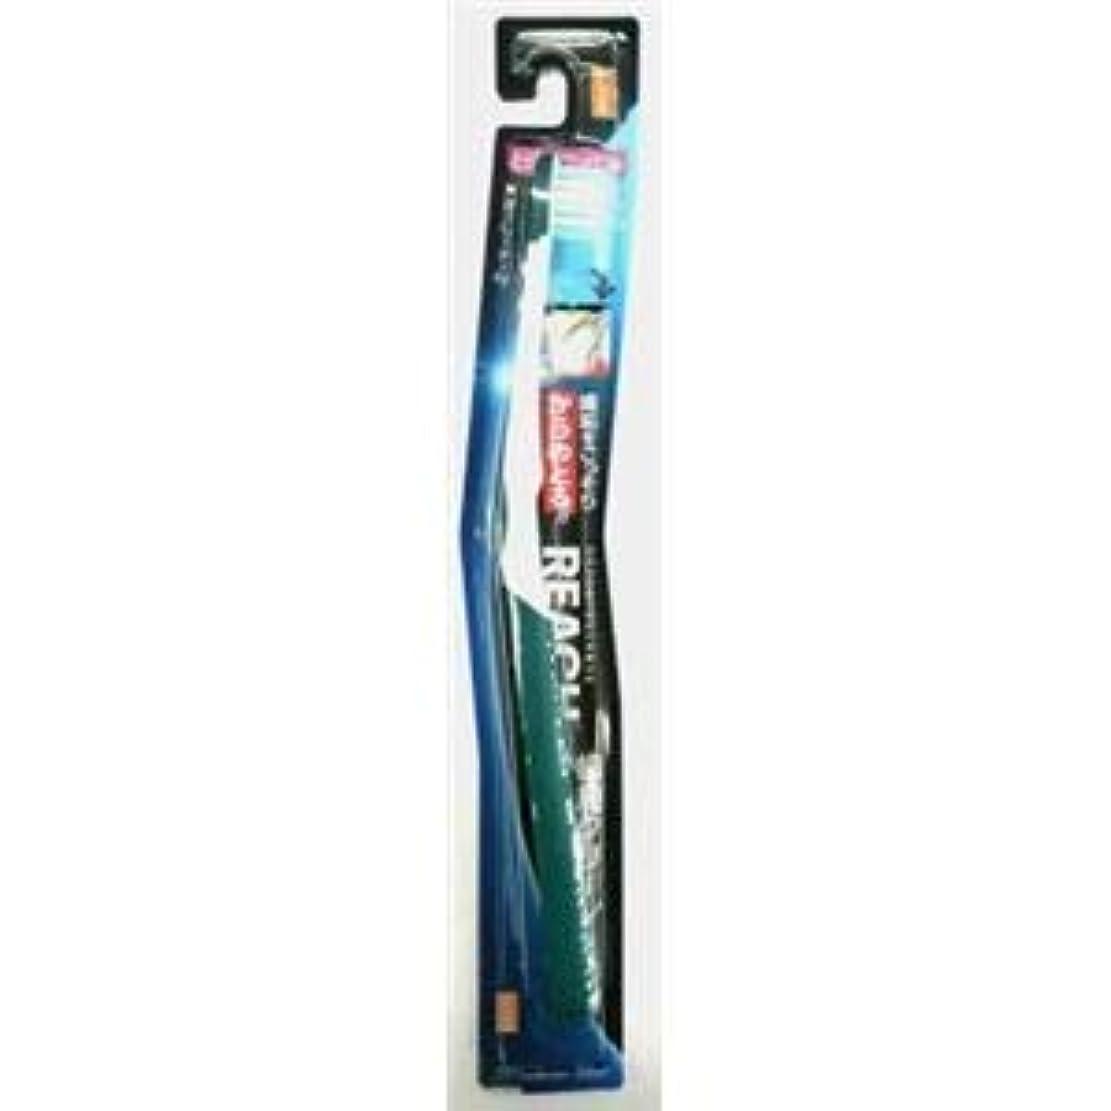 誤解うま非難(まとめ)銀座ステファニー リーチ歯ブラシ リーチ 歯周クリーン とってもコンパクト やわらかめ 【×12点セット】